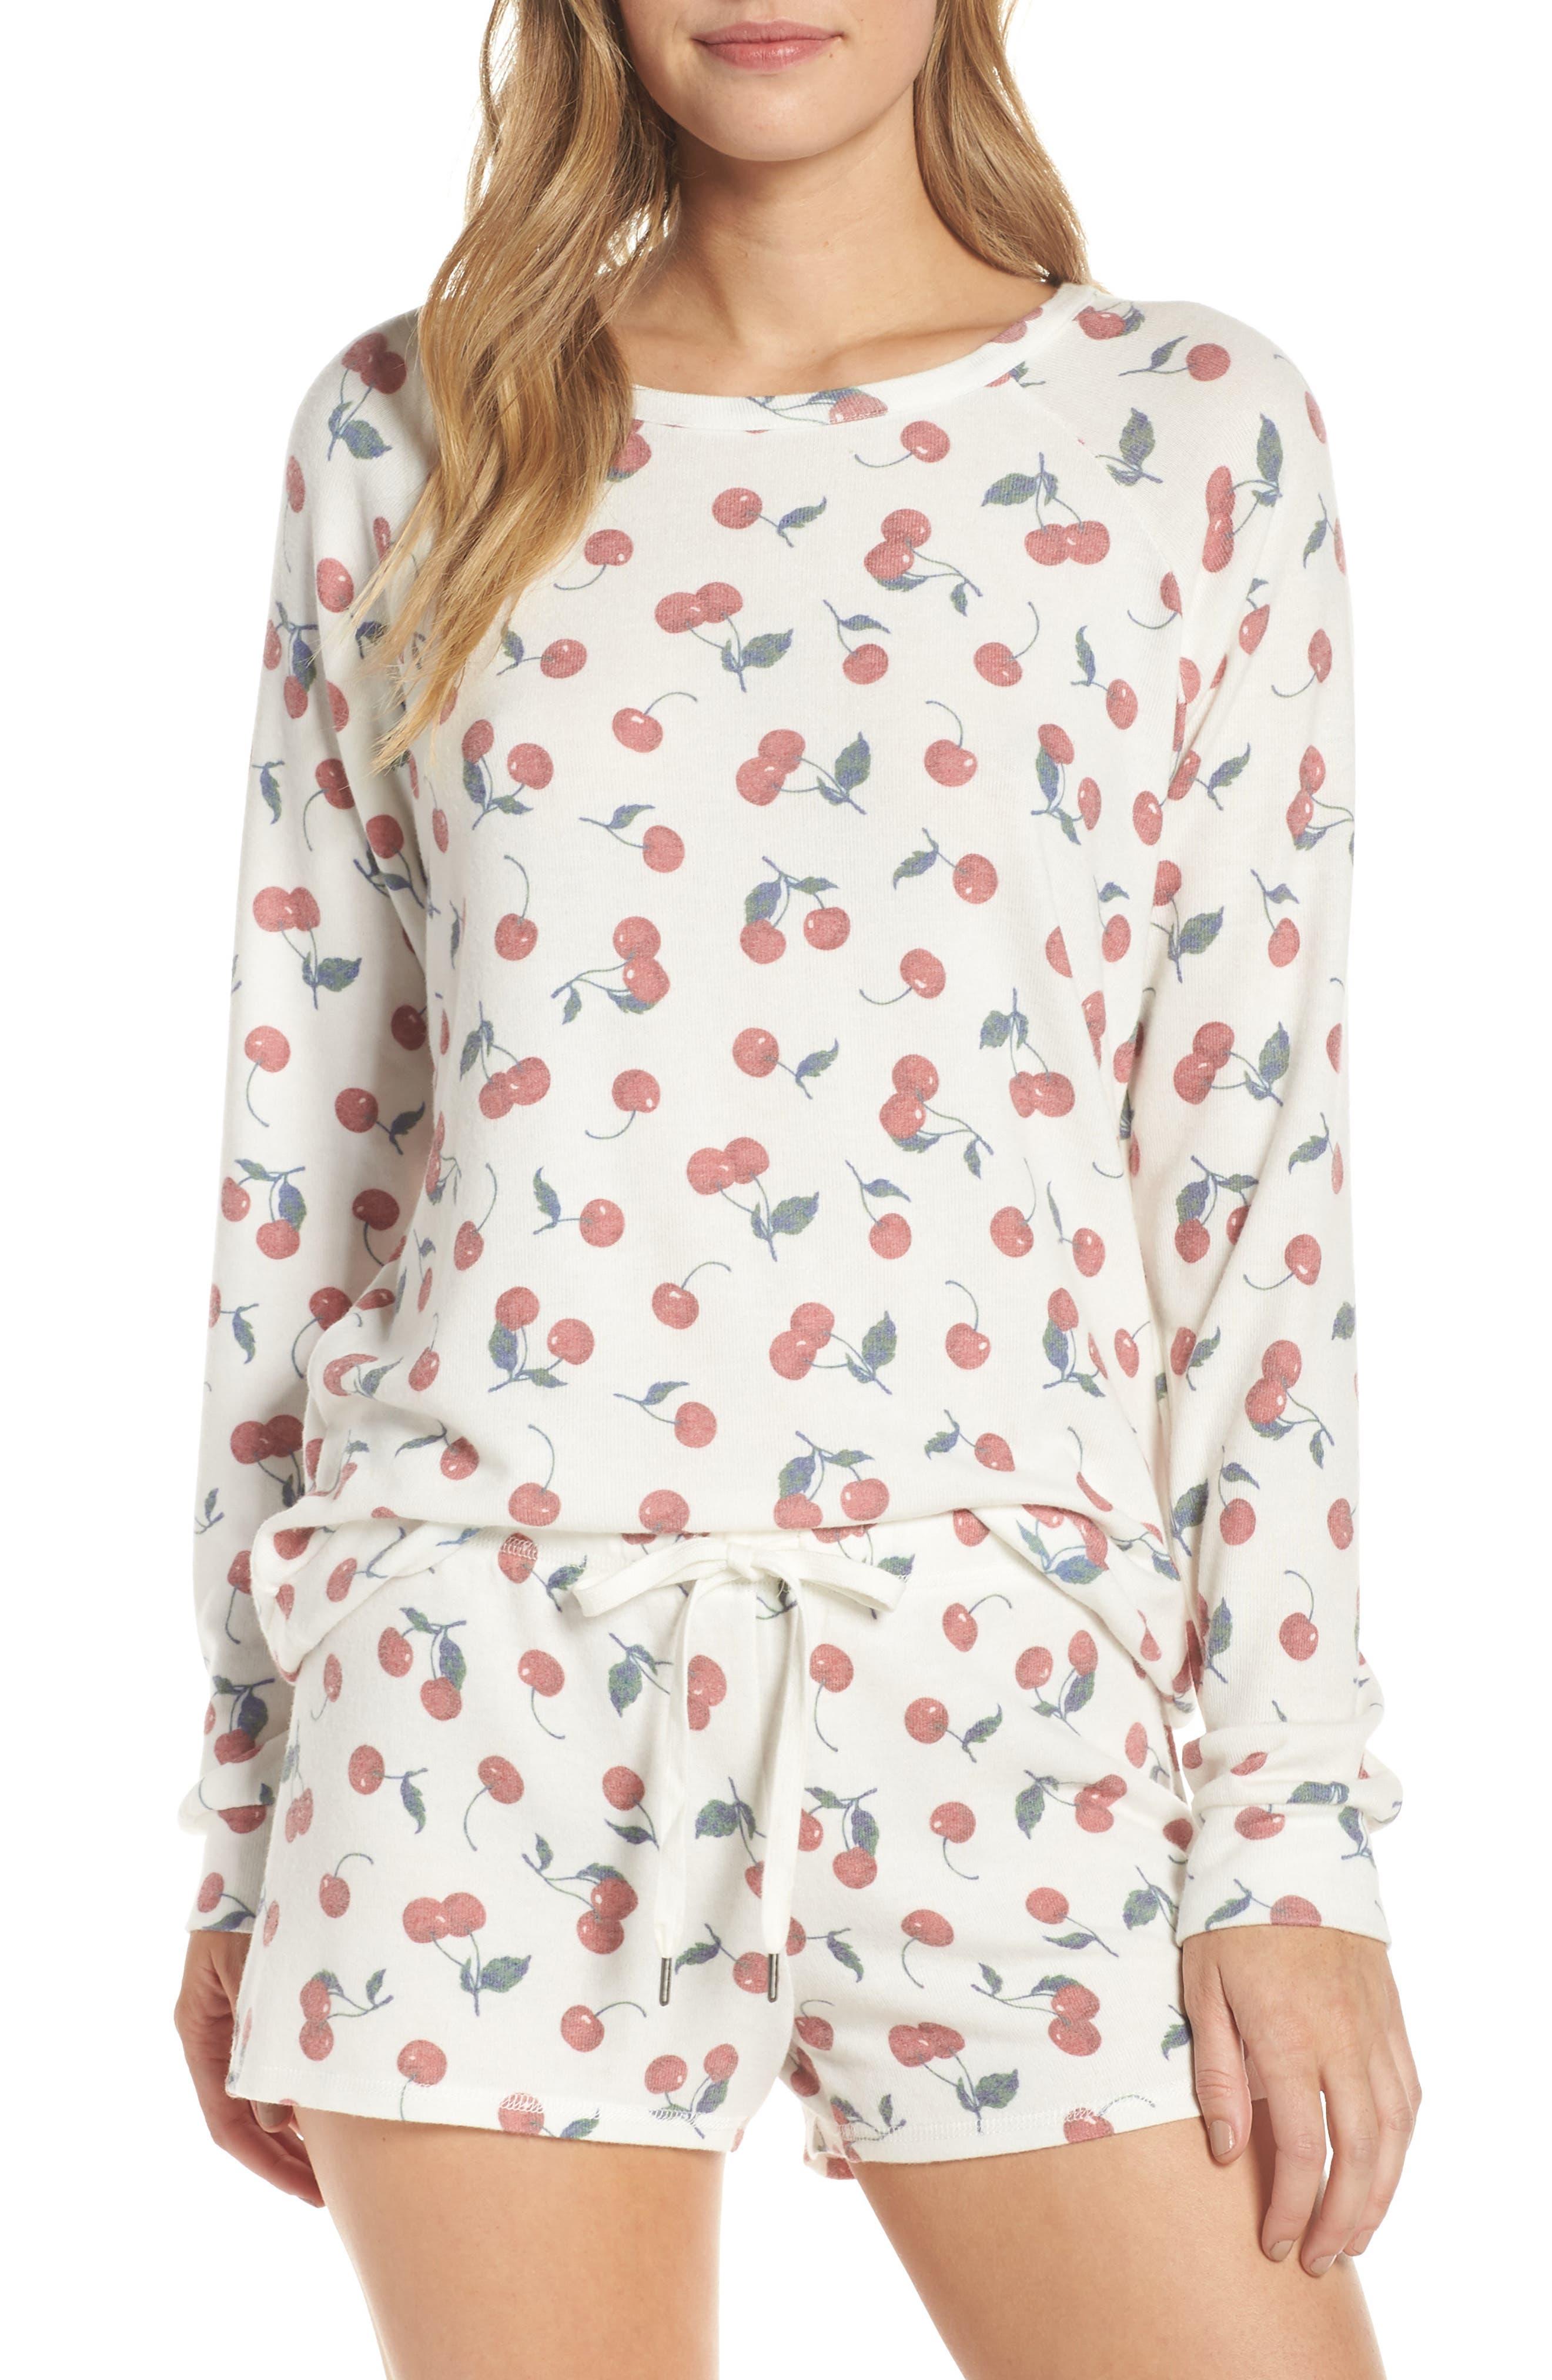 Pj Savlage Mon Cheri Pajama Top, Ivory